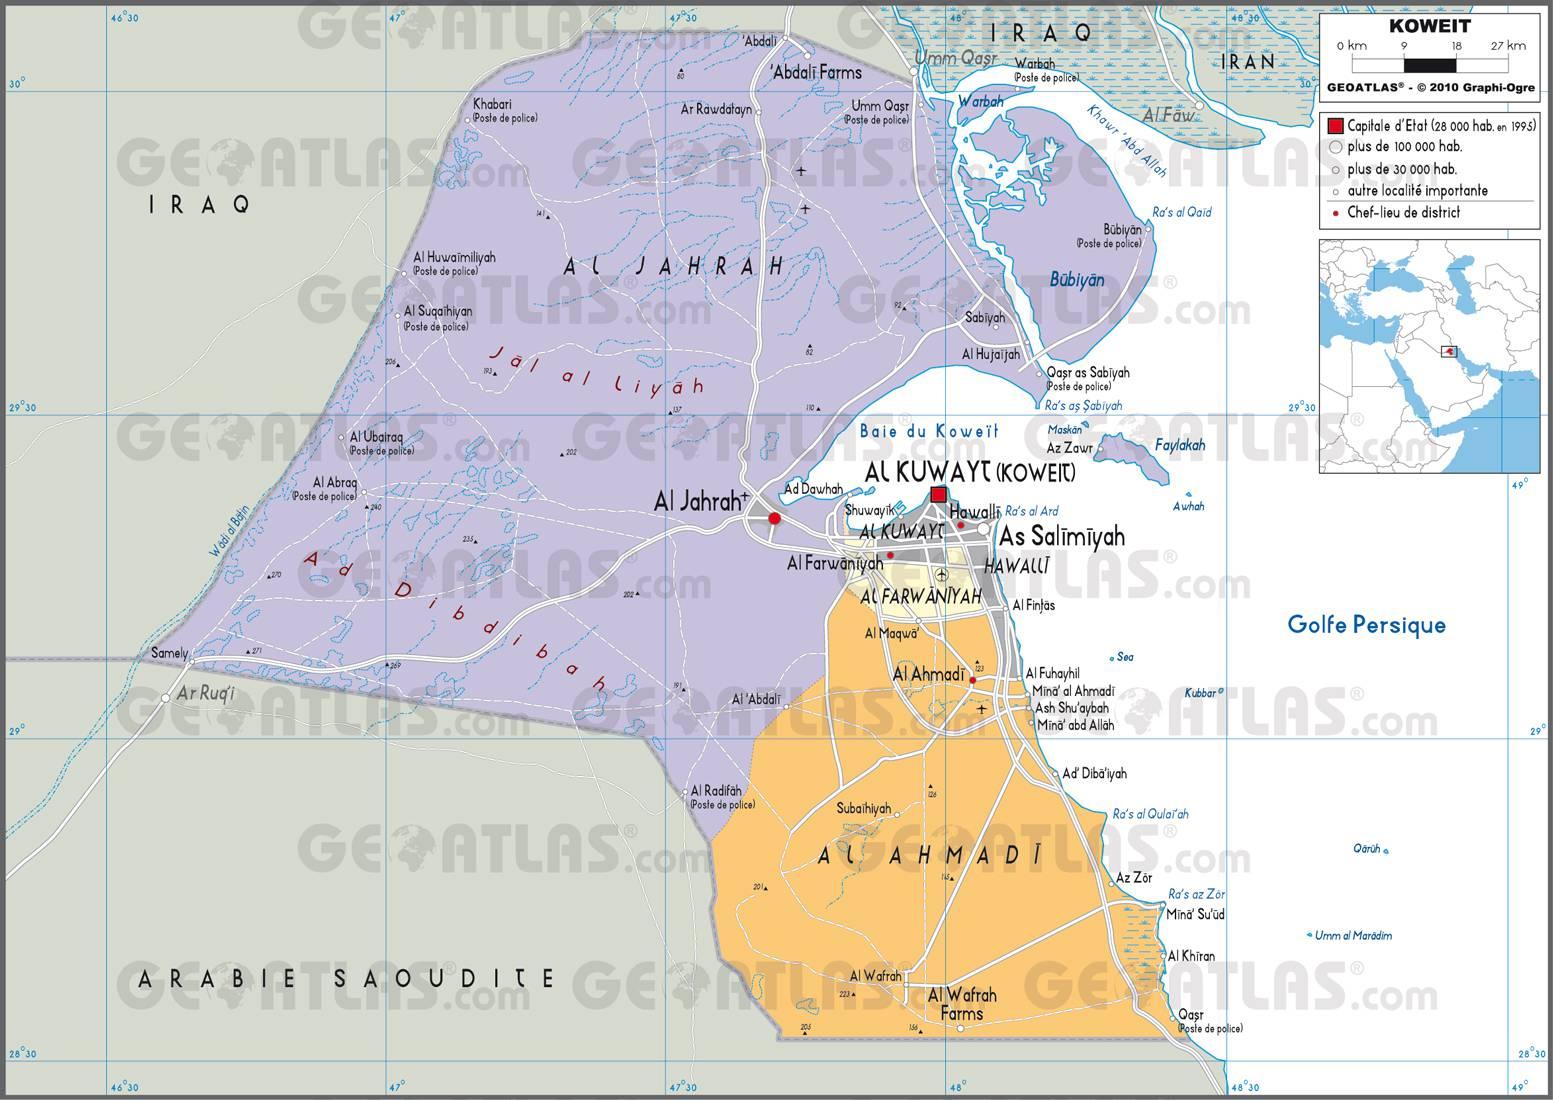 Carte administrative du Koweït